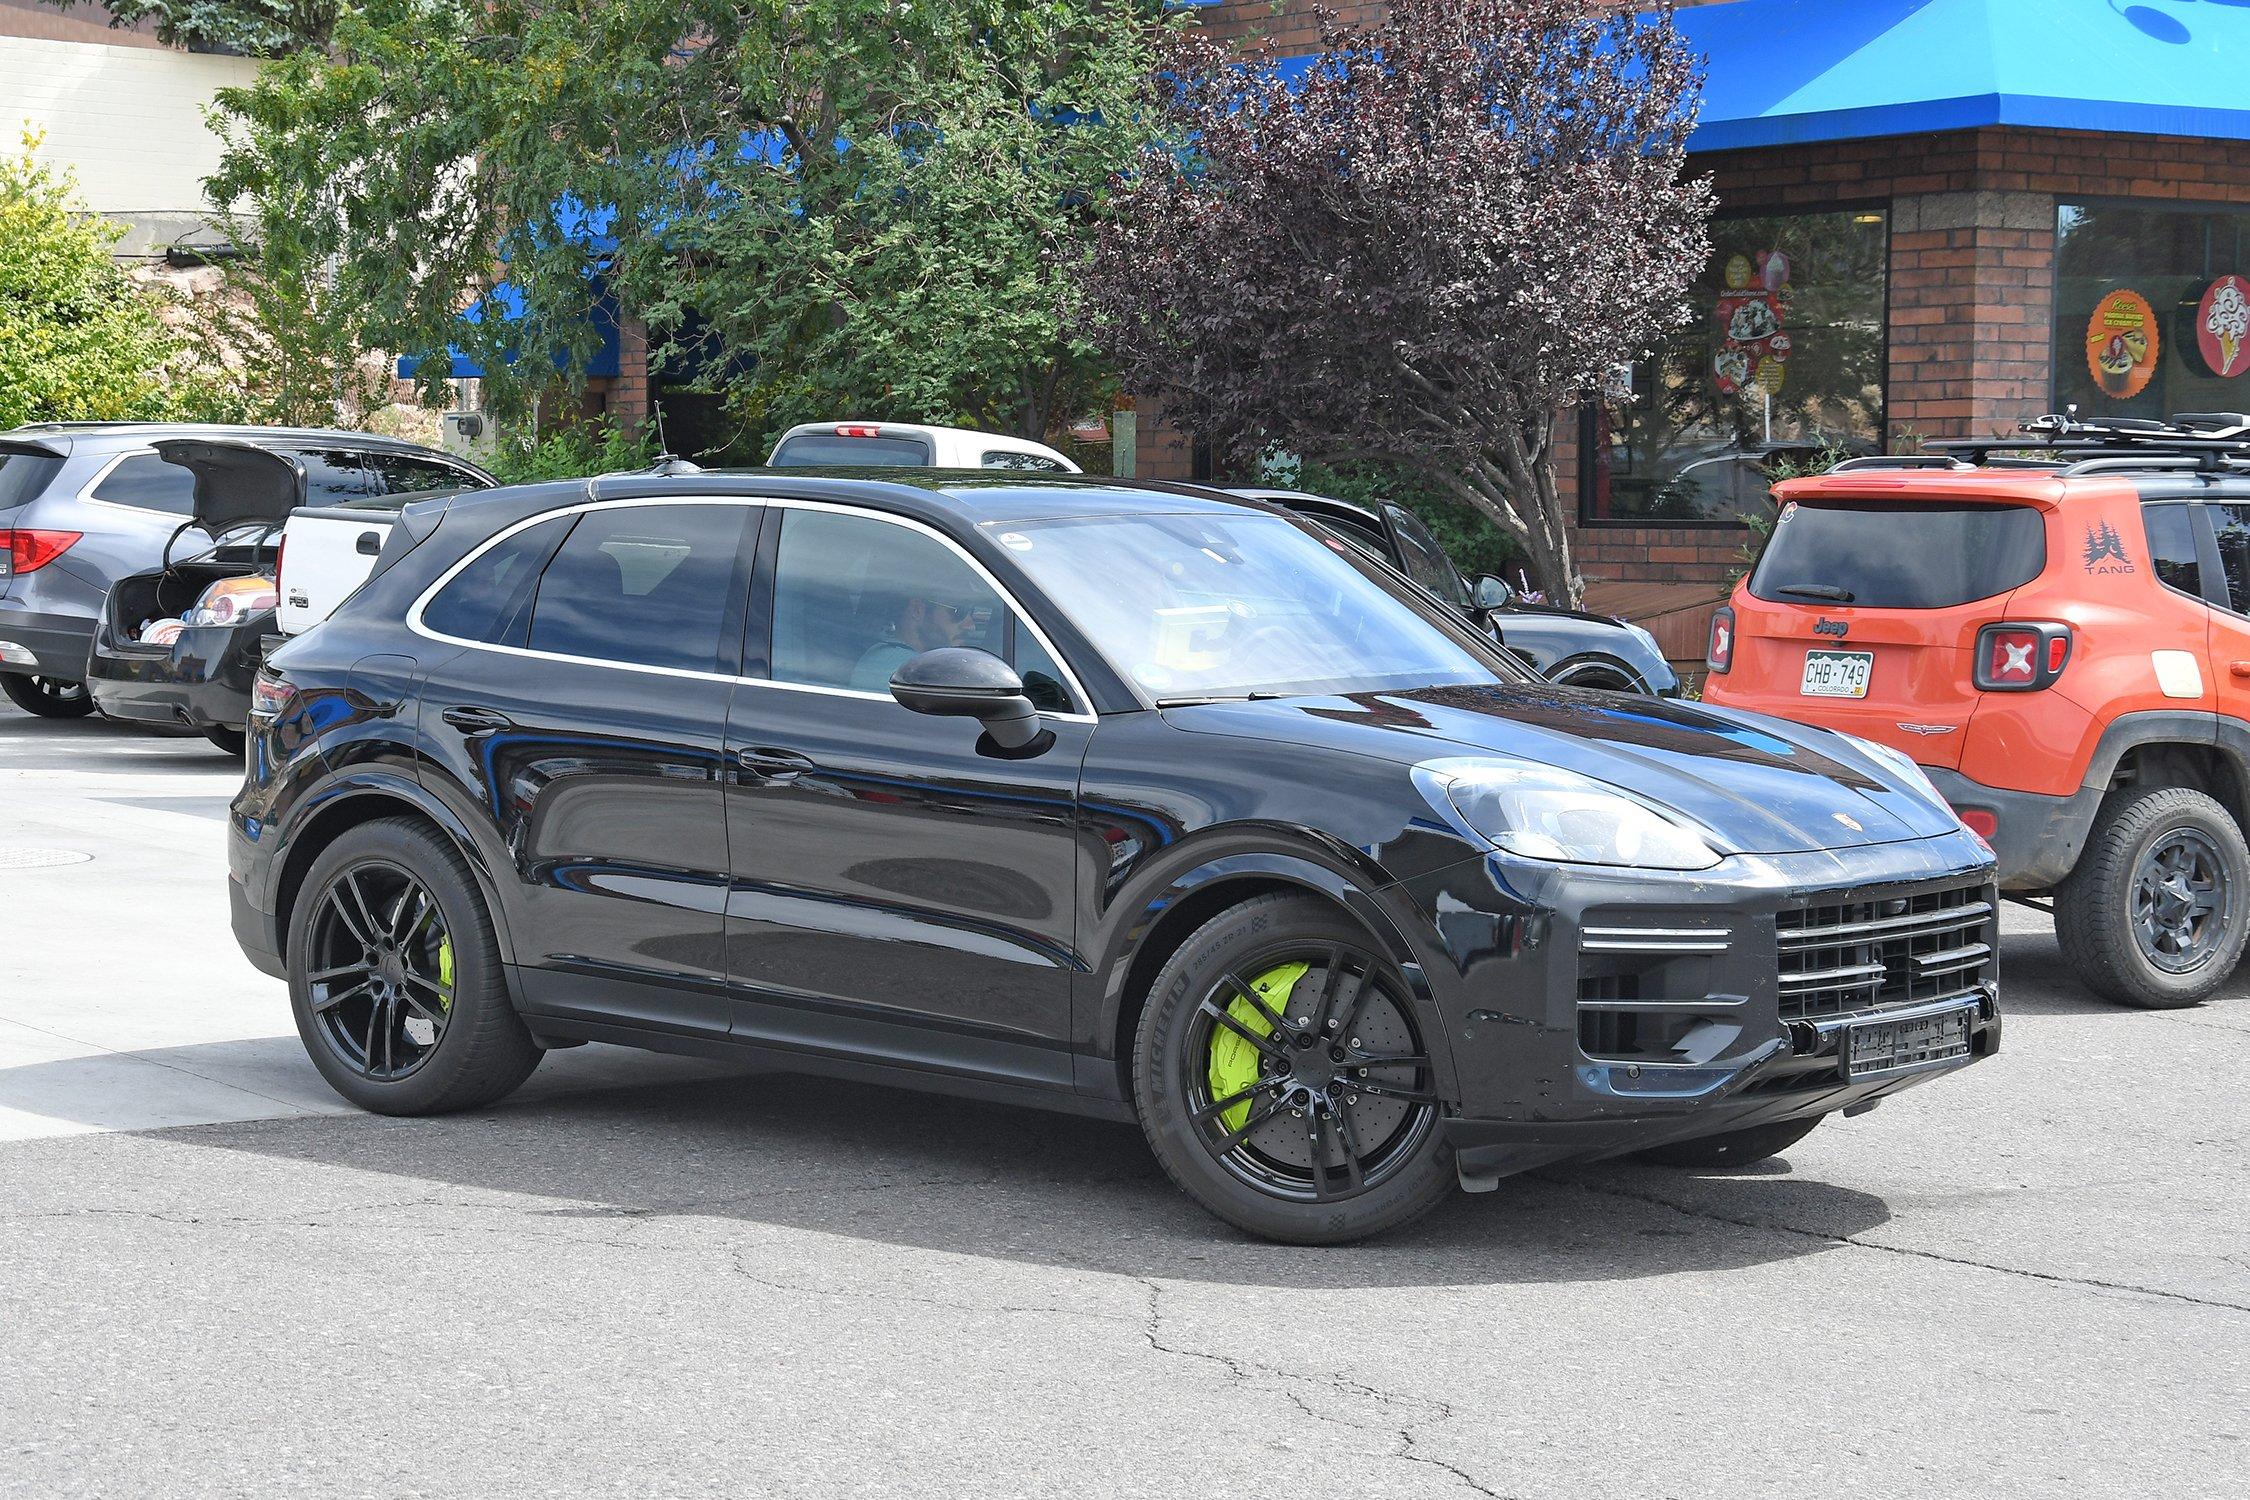 Porsche_Cayenne_Turbo_001